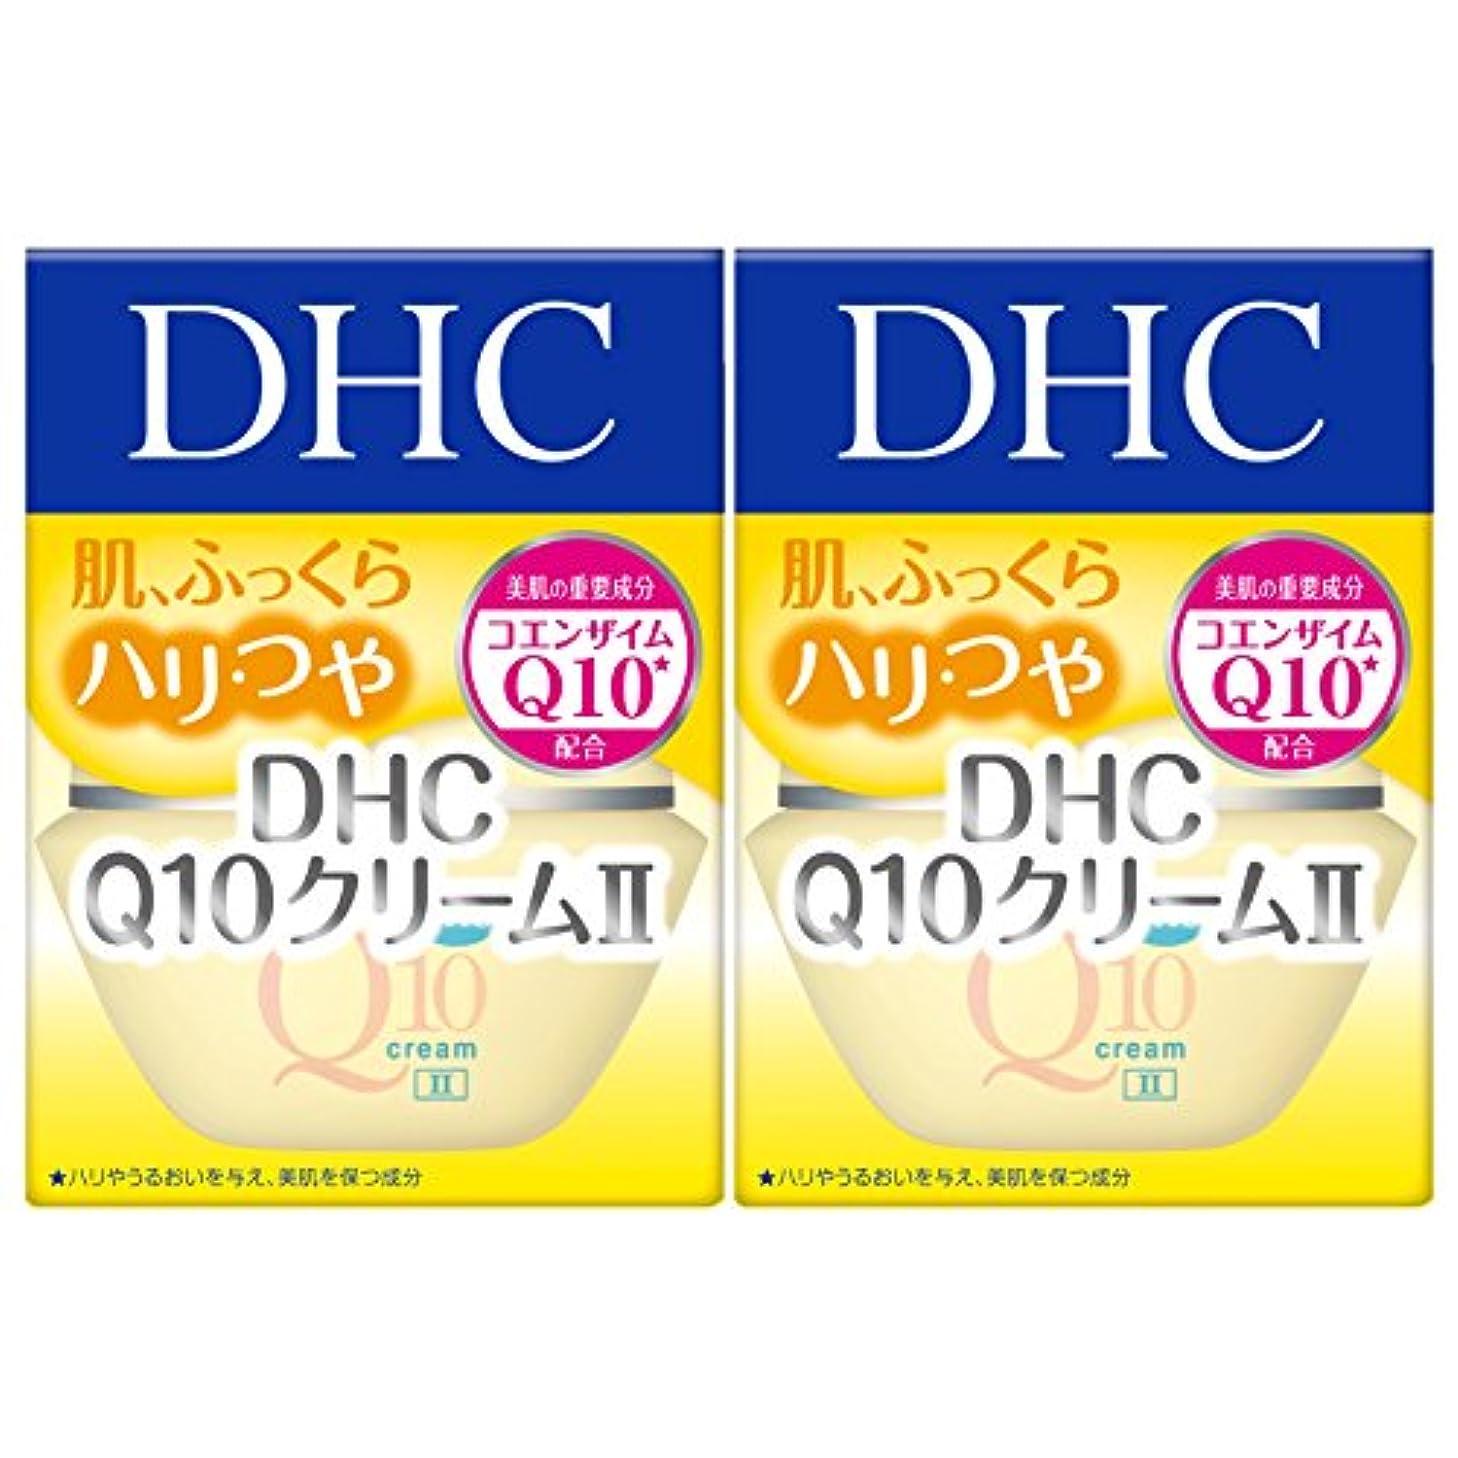 かすれたピザジャム【セット品】DHC Q10クリームII (SS) 20g 2個セット